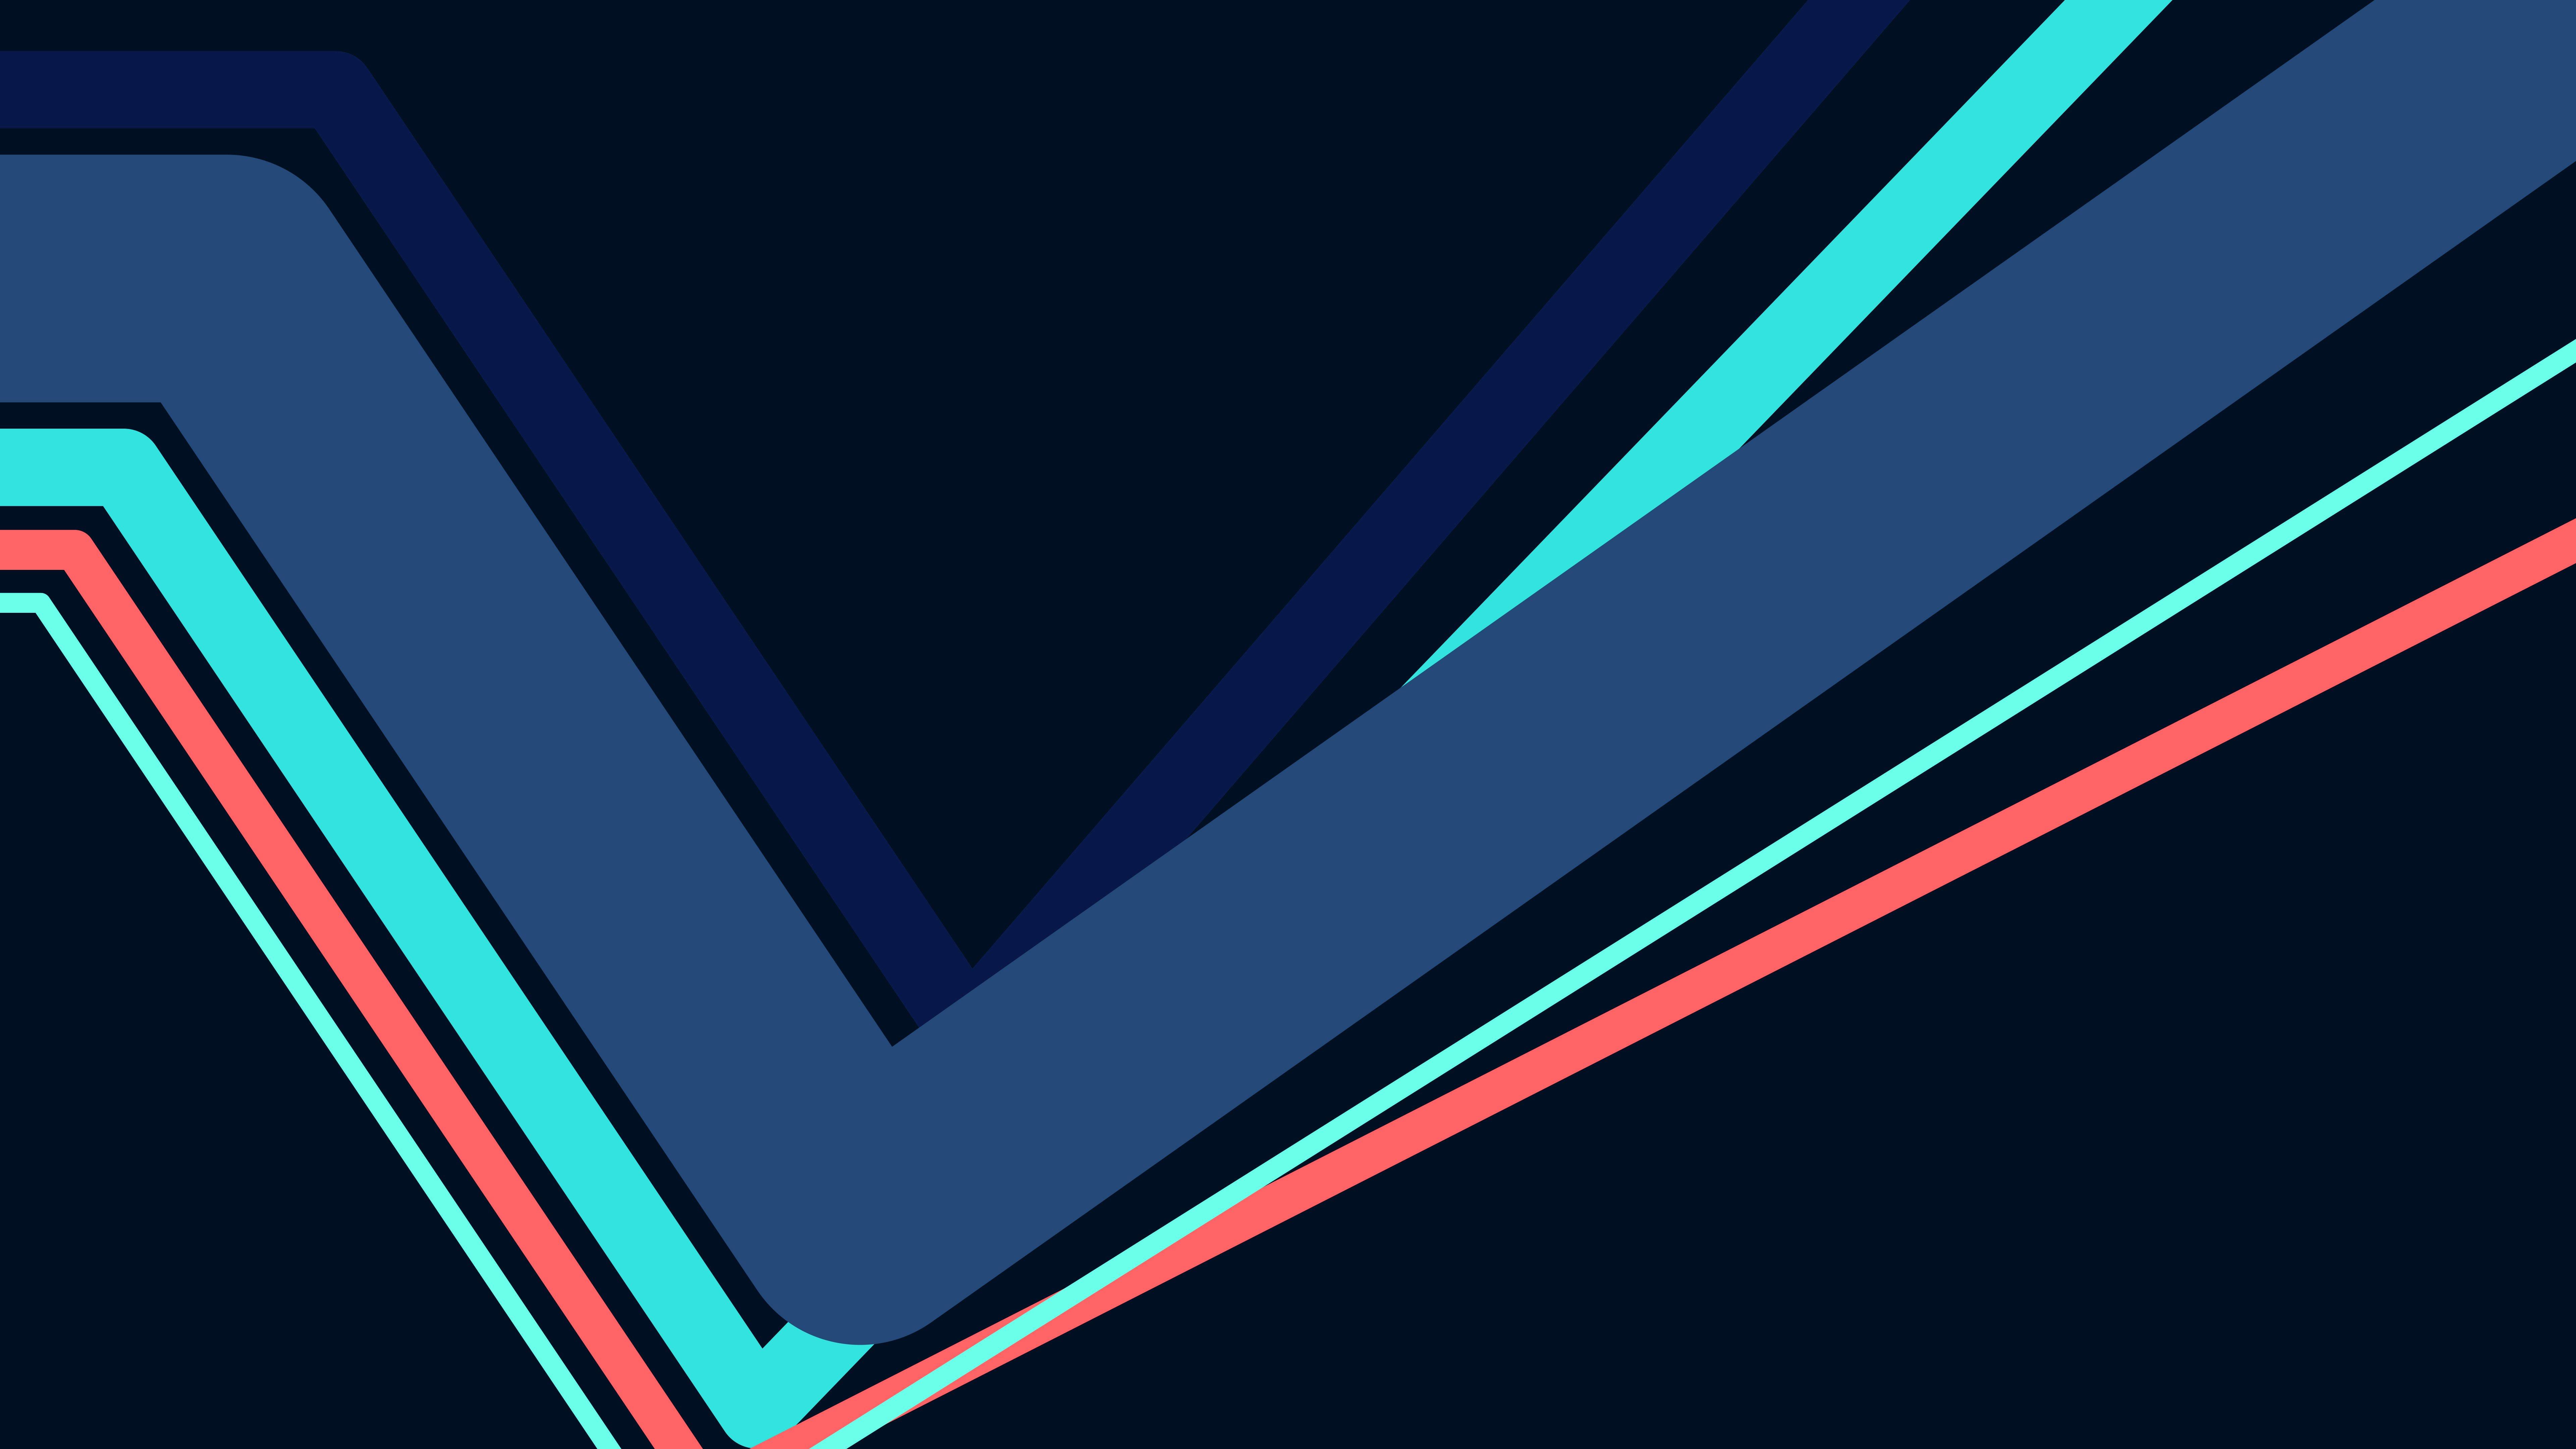 Fondos de pantalla Líneas estilo Dark Mode Minimalista